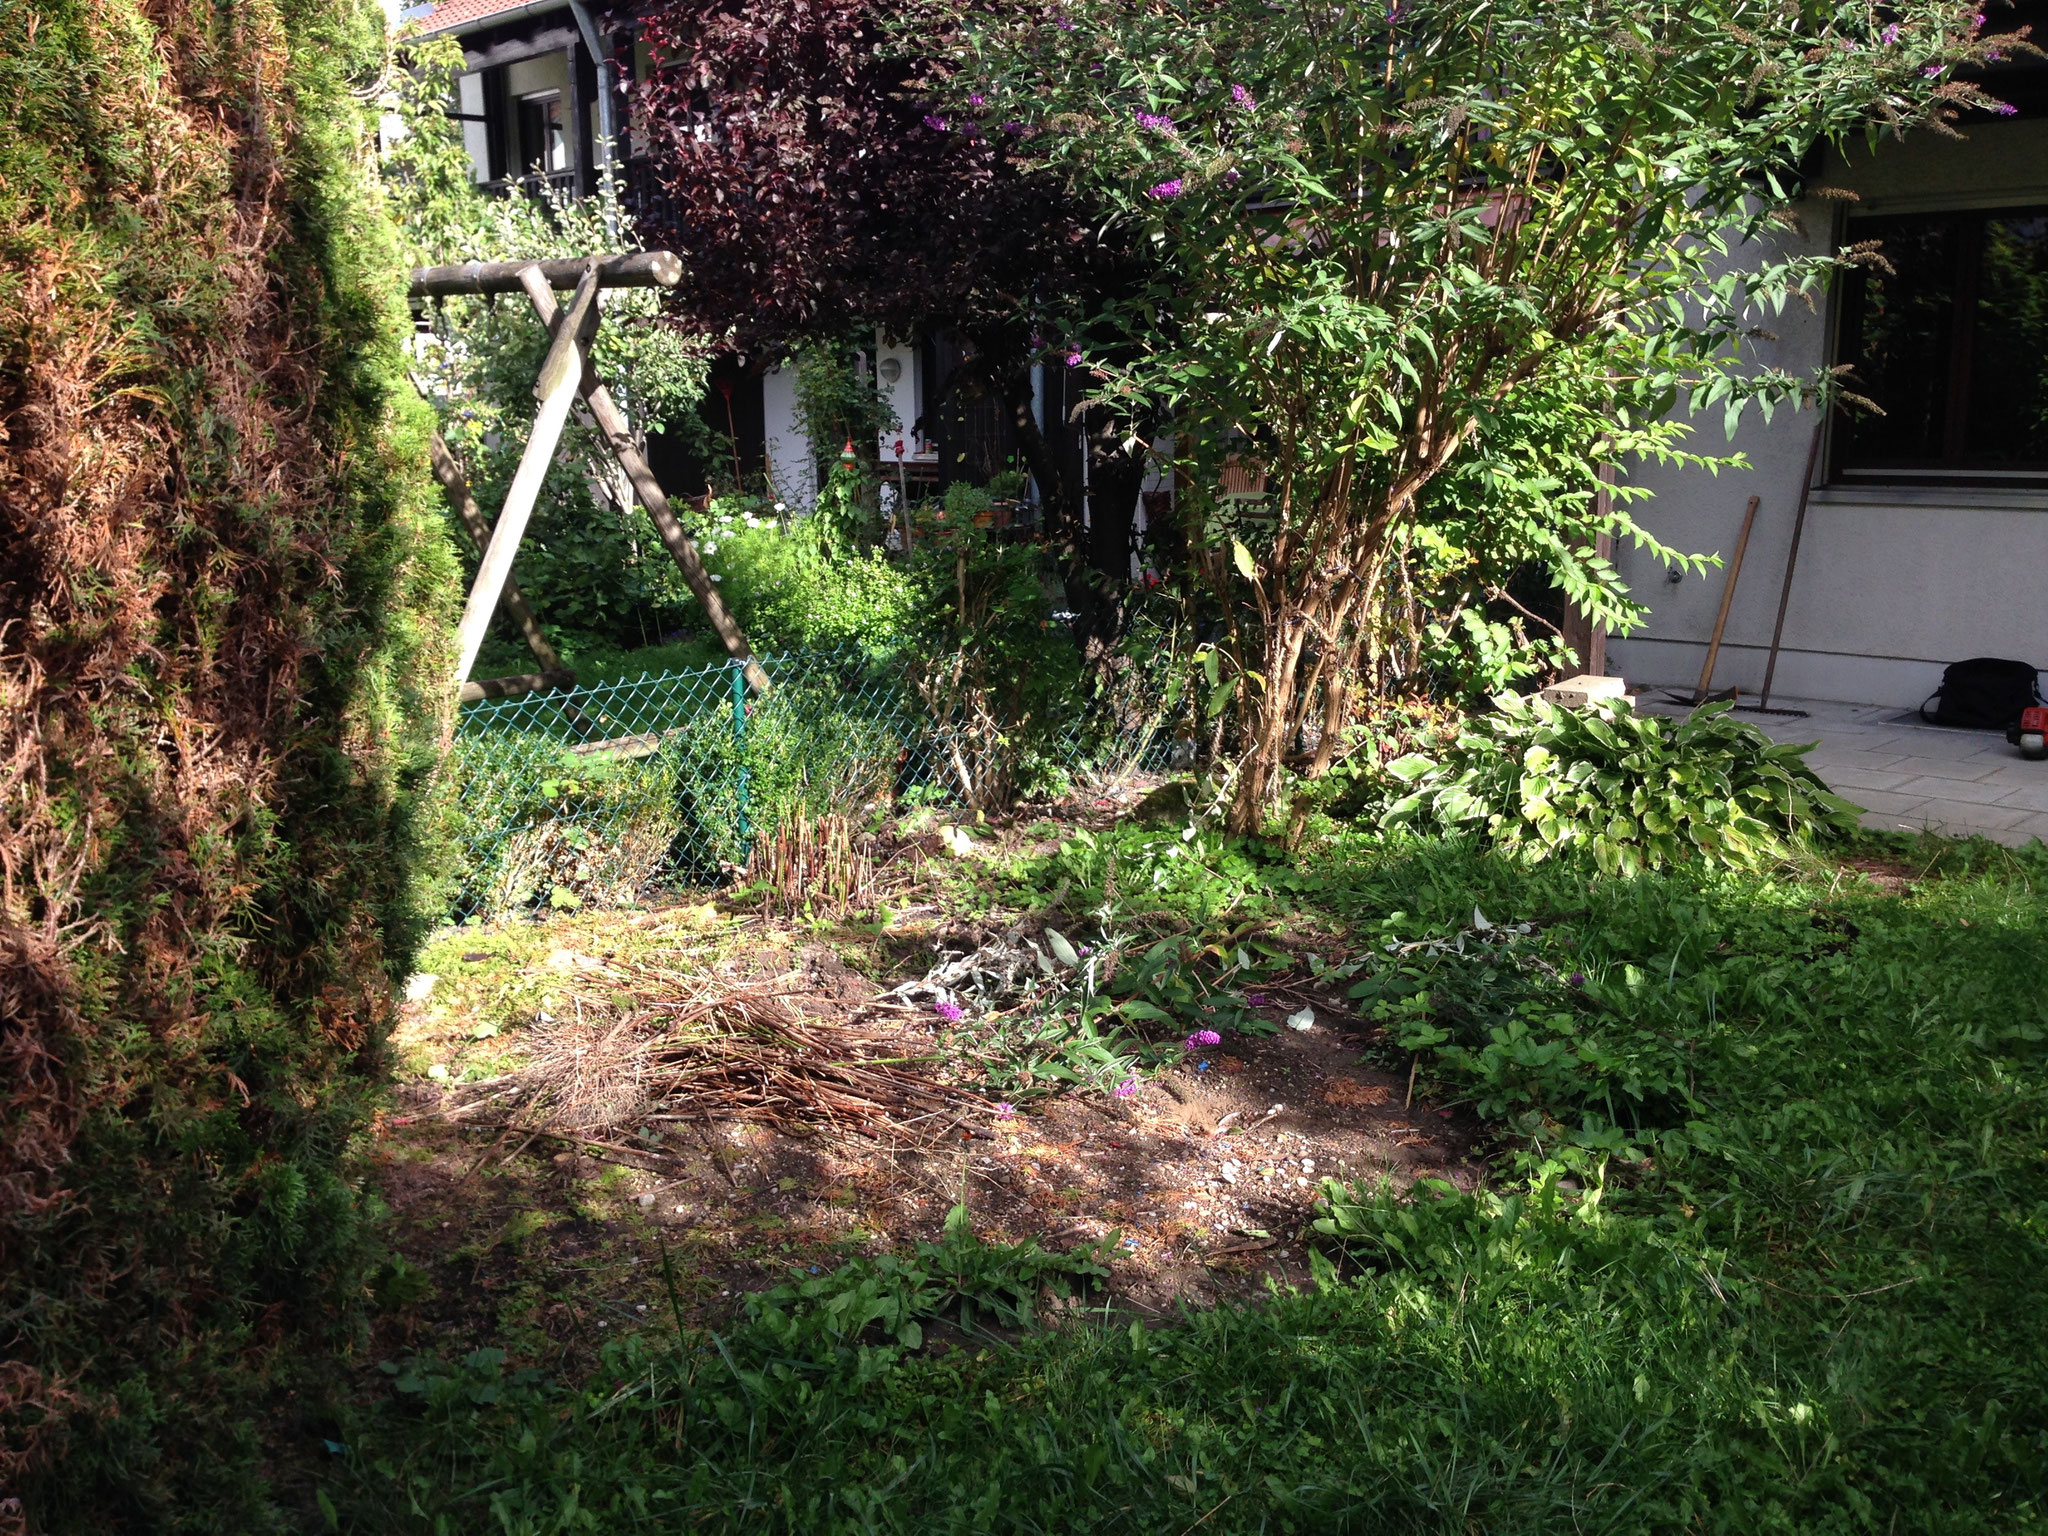 verwilderter Garten, ausschneiden u. Neuanlage Rasen